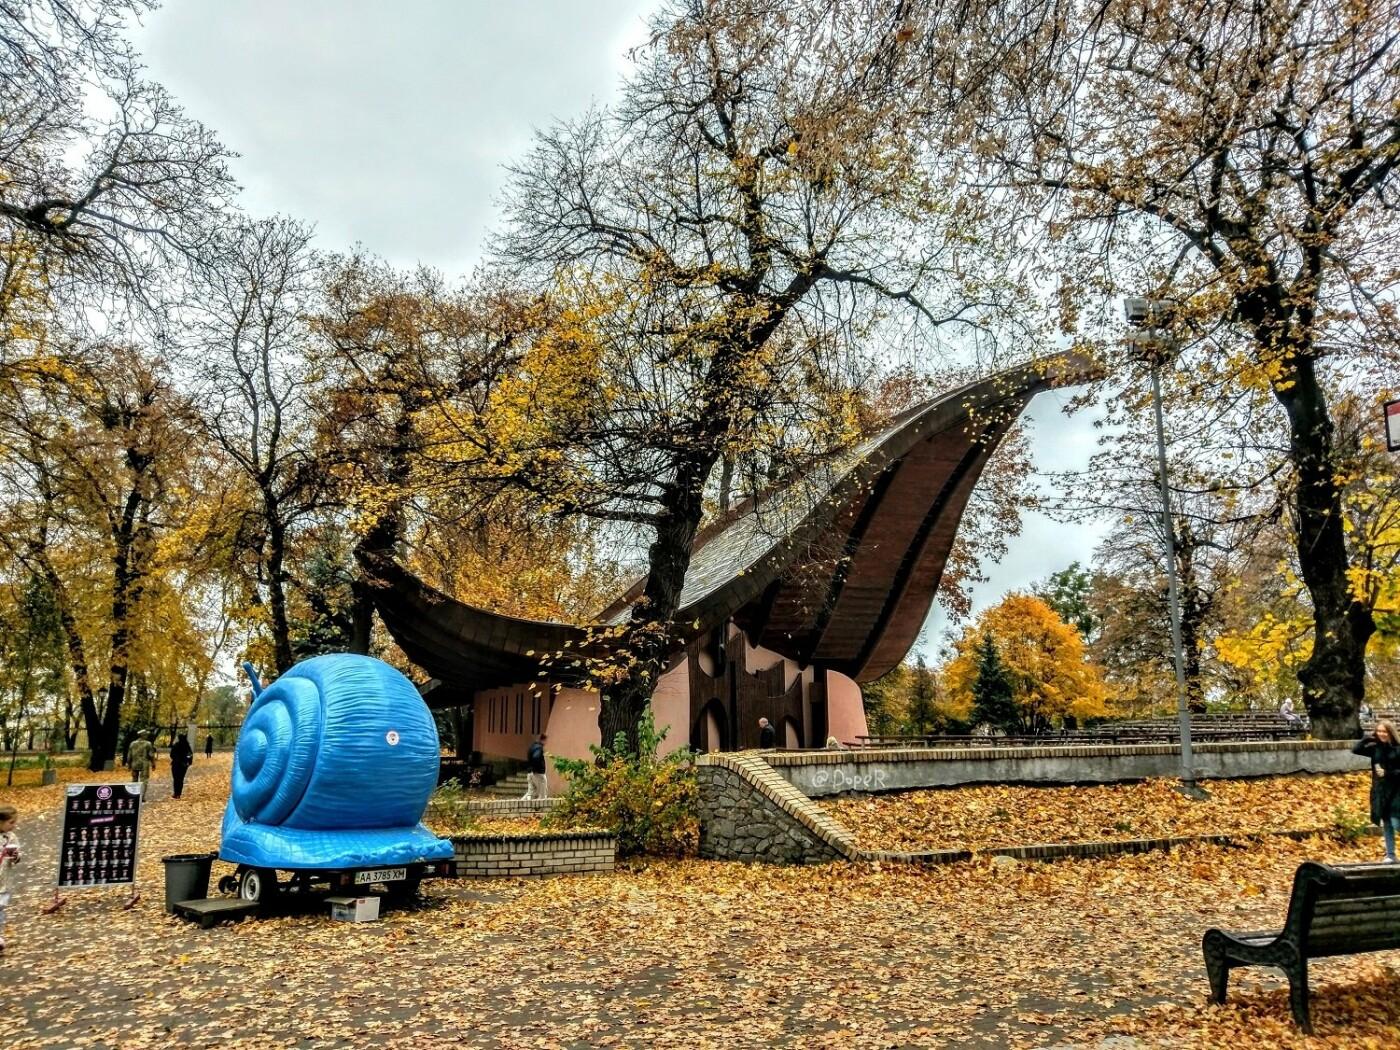 Деревья Городского сада: чем примечателен самый старый парк Киева, - ФОТО, Фото: Eugene Mironyuk